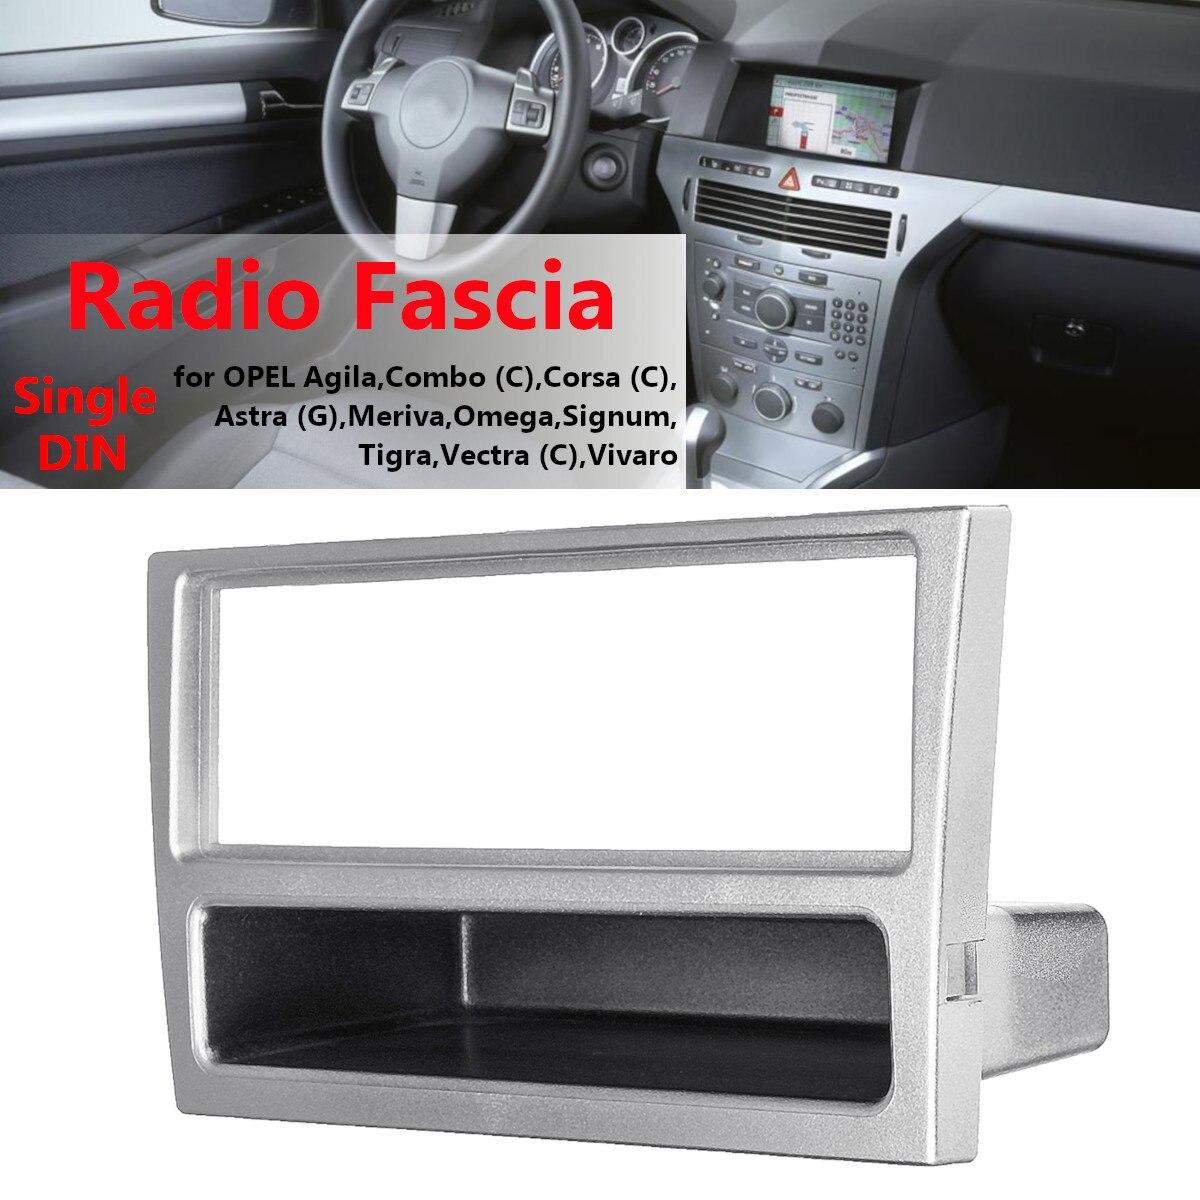 Plata Opel Meriva CD Radio Estéreo Fascia Facia Panel de sonido envolvente de la placa de adaptador